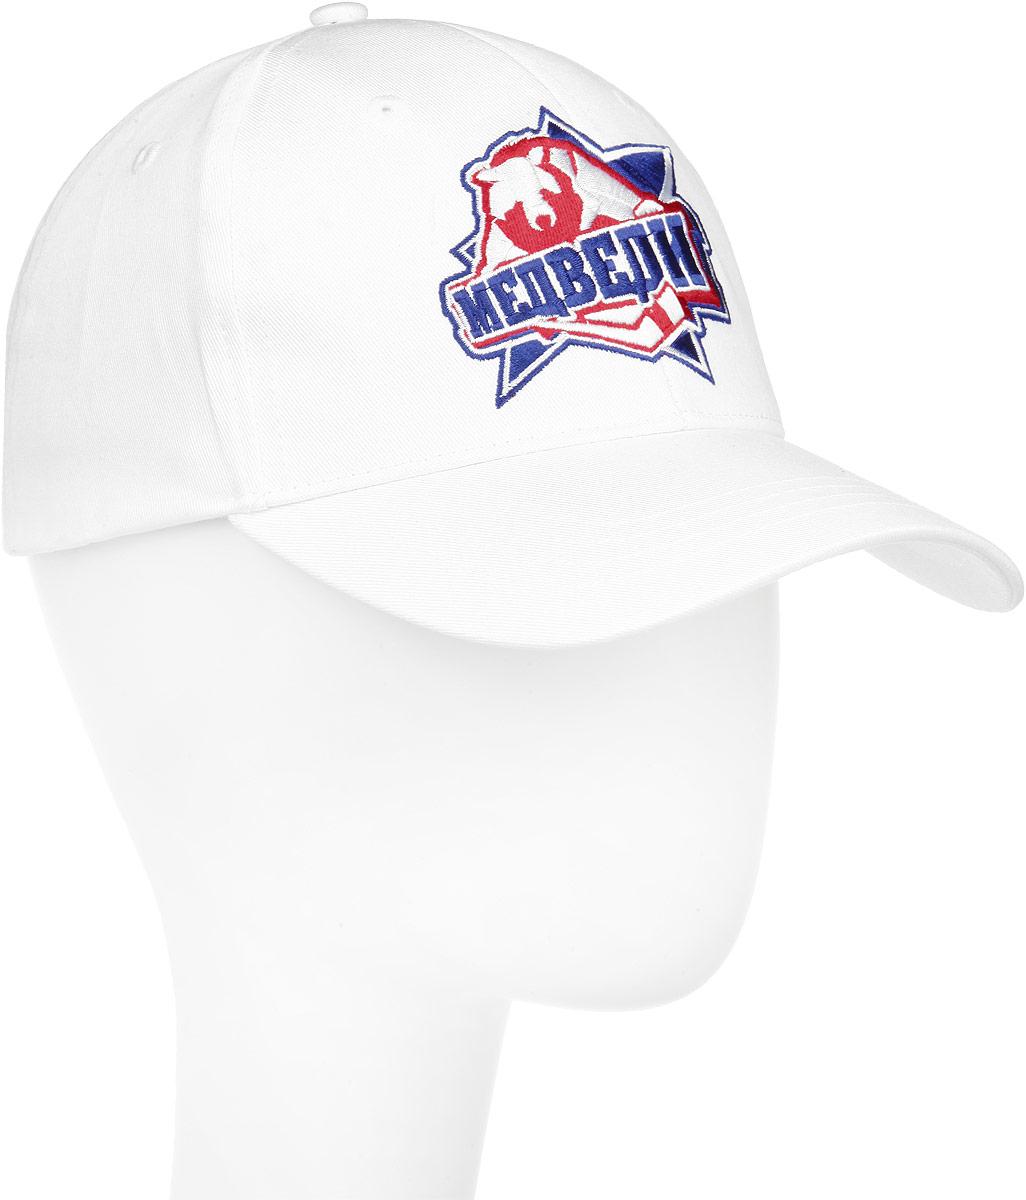 Бейсболка Медведи. CRUS014CRUS014-AСтильная бейсболка Robin Ruth с эмблемой хоккейной команды Медведи из сериала Молодёжка будет приятным подарком вам и вашим близким. Будь с Медведями! И ты в игре! Бейсболка выполнена из натурального хлопка, имеет конструкцию из шести панелей и специальные вентиляционные отверстия для лучшей воздухопроницаемости. Бейсболка надежно защитит вас от солнца и ветра. Бейсболка оформлена вышитой эмблемой Медведи. Закругленный козырек бейсболки украшен строчками в тон бейсболки. Объем бейсболки регулируется при помощи хлястика с липучкой для удобной плотной посадки. Такая бейсболка станет отличным аксессуаром и дополнит ваш повседневный образ.